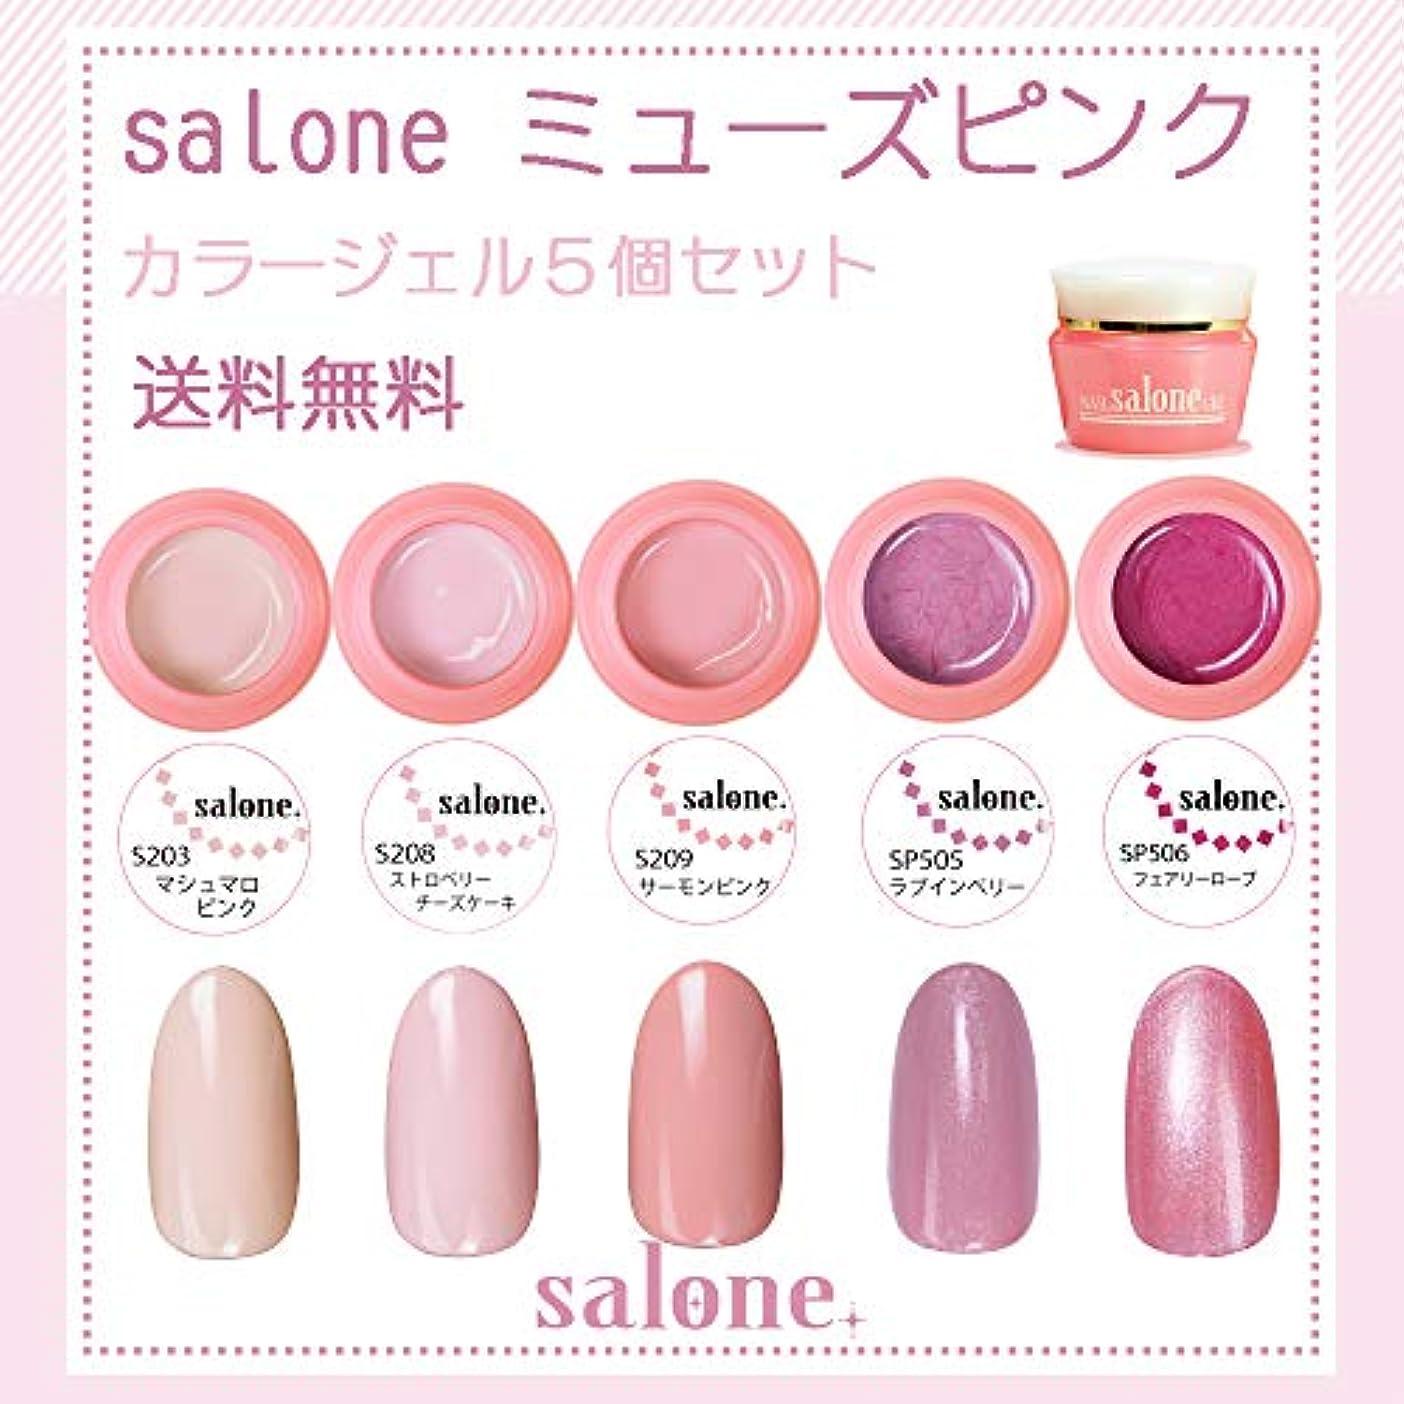 僕の非常にはちみつ【送料無料 日本製】Salone ミューズピンク カラージェル5個セット 春にピッタリでトレンドカラーのミューズピンク